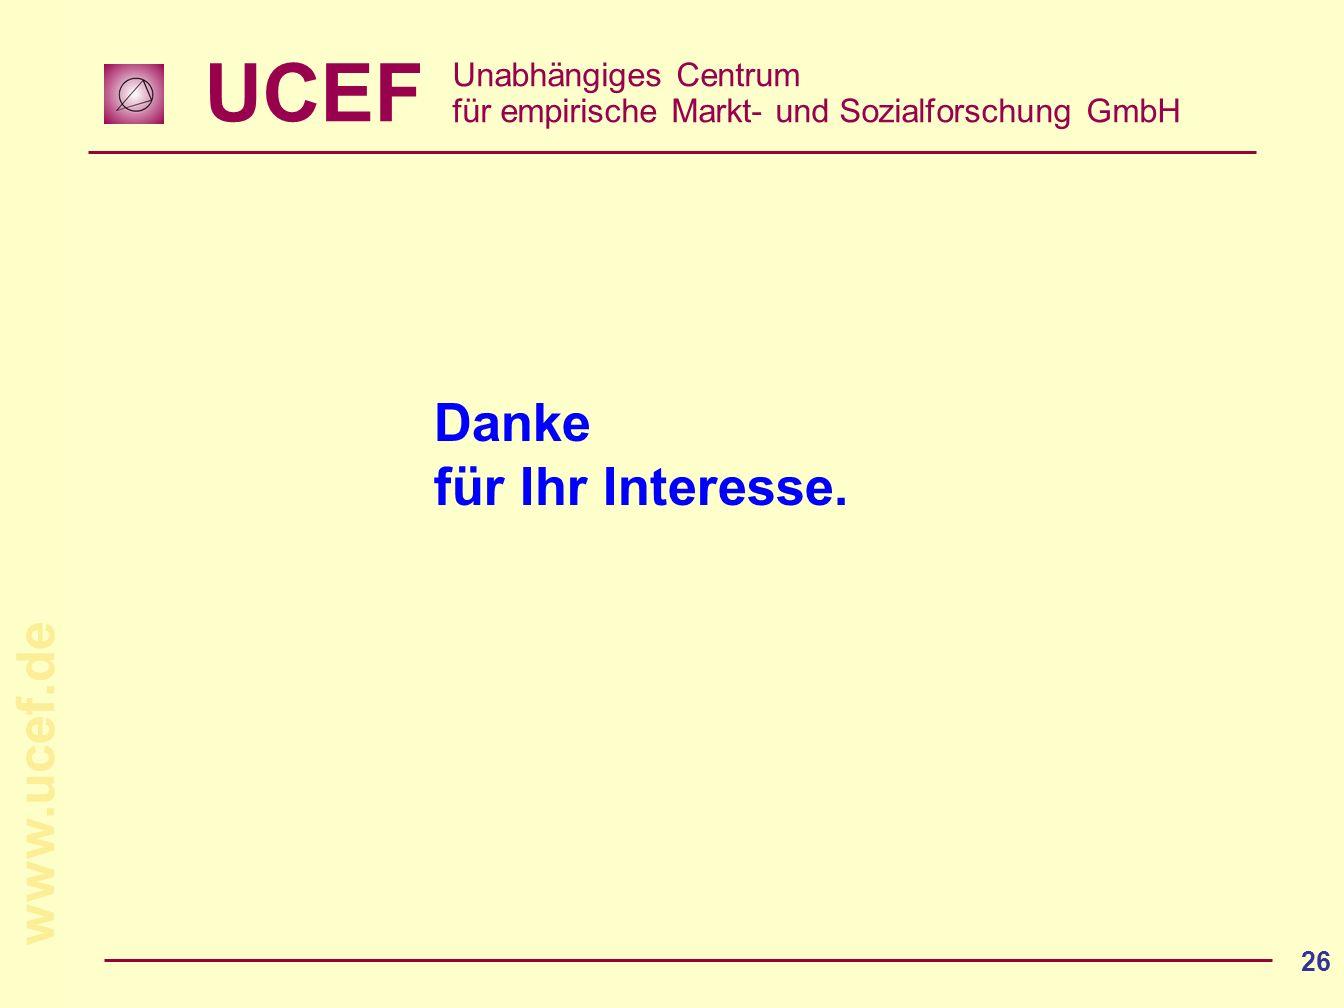 UCEF Unabhängiges Centrum für empirische Markt- und Sozialforschung GmbH www.ucef.de 26 Danke für Ihr Interesse.